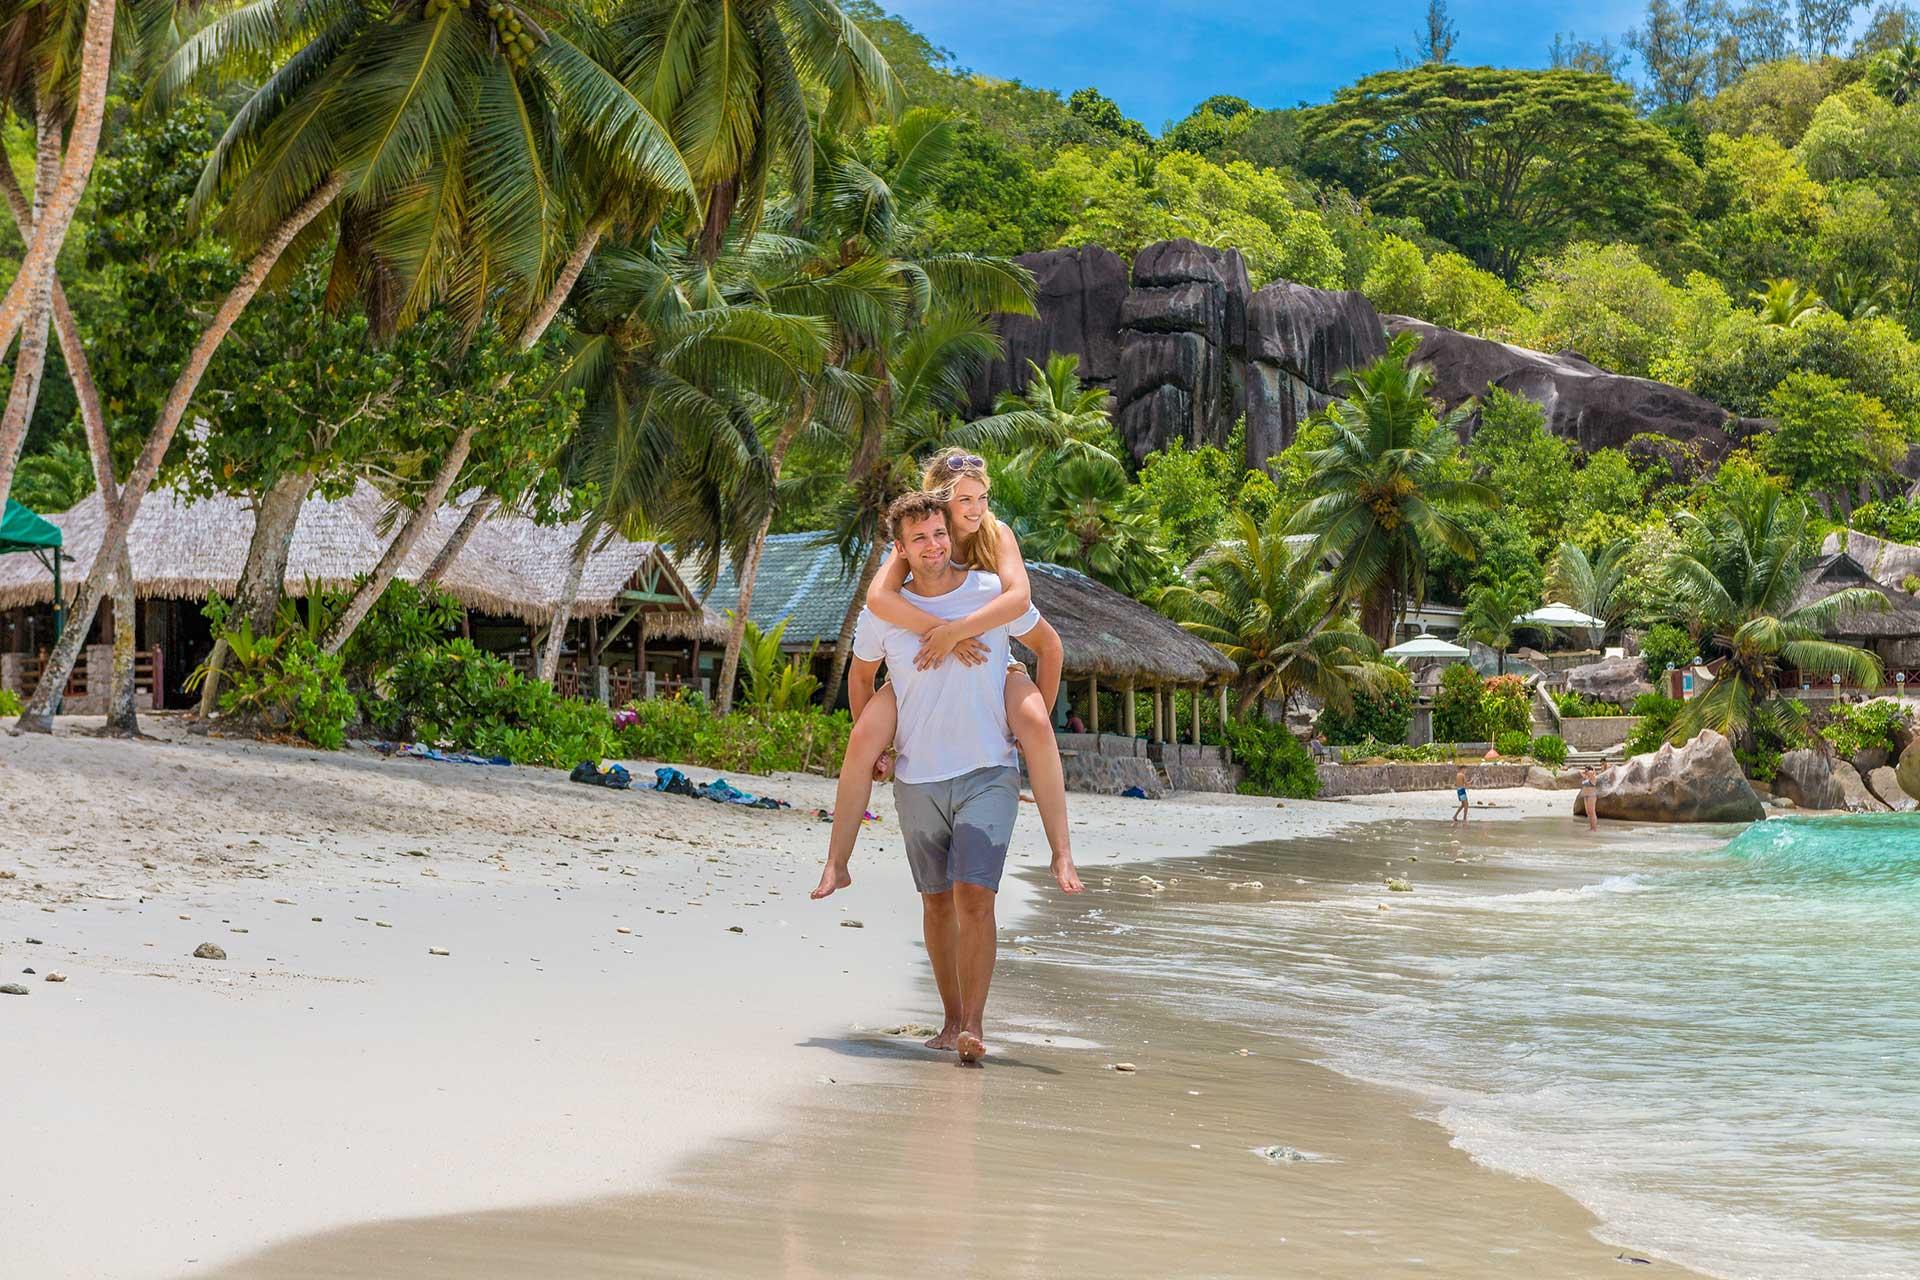 Seychellen: Urlaub im Land der Impf-Champions